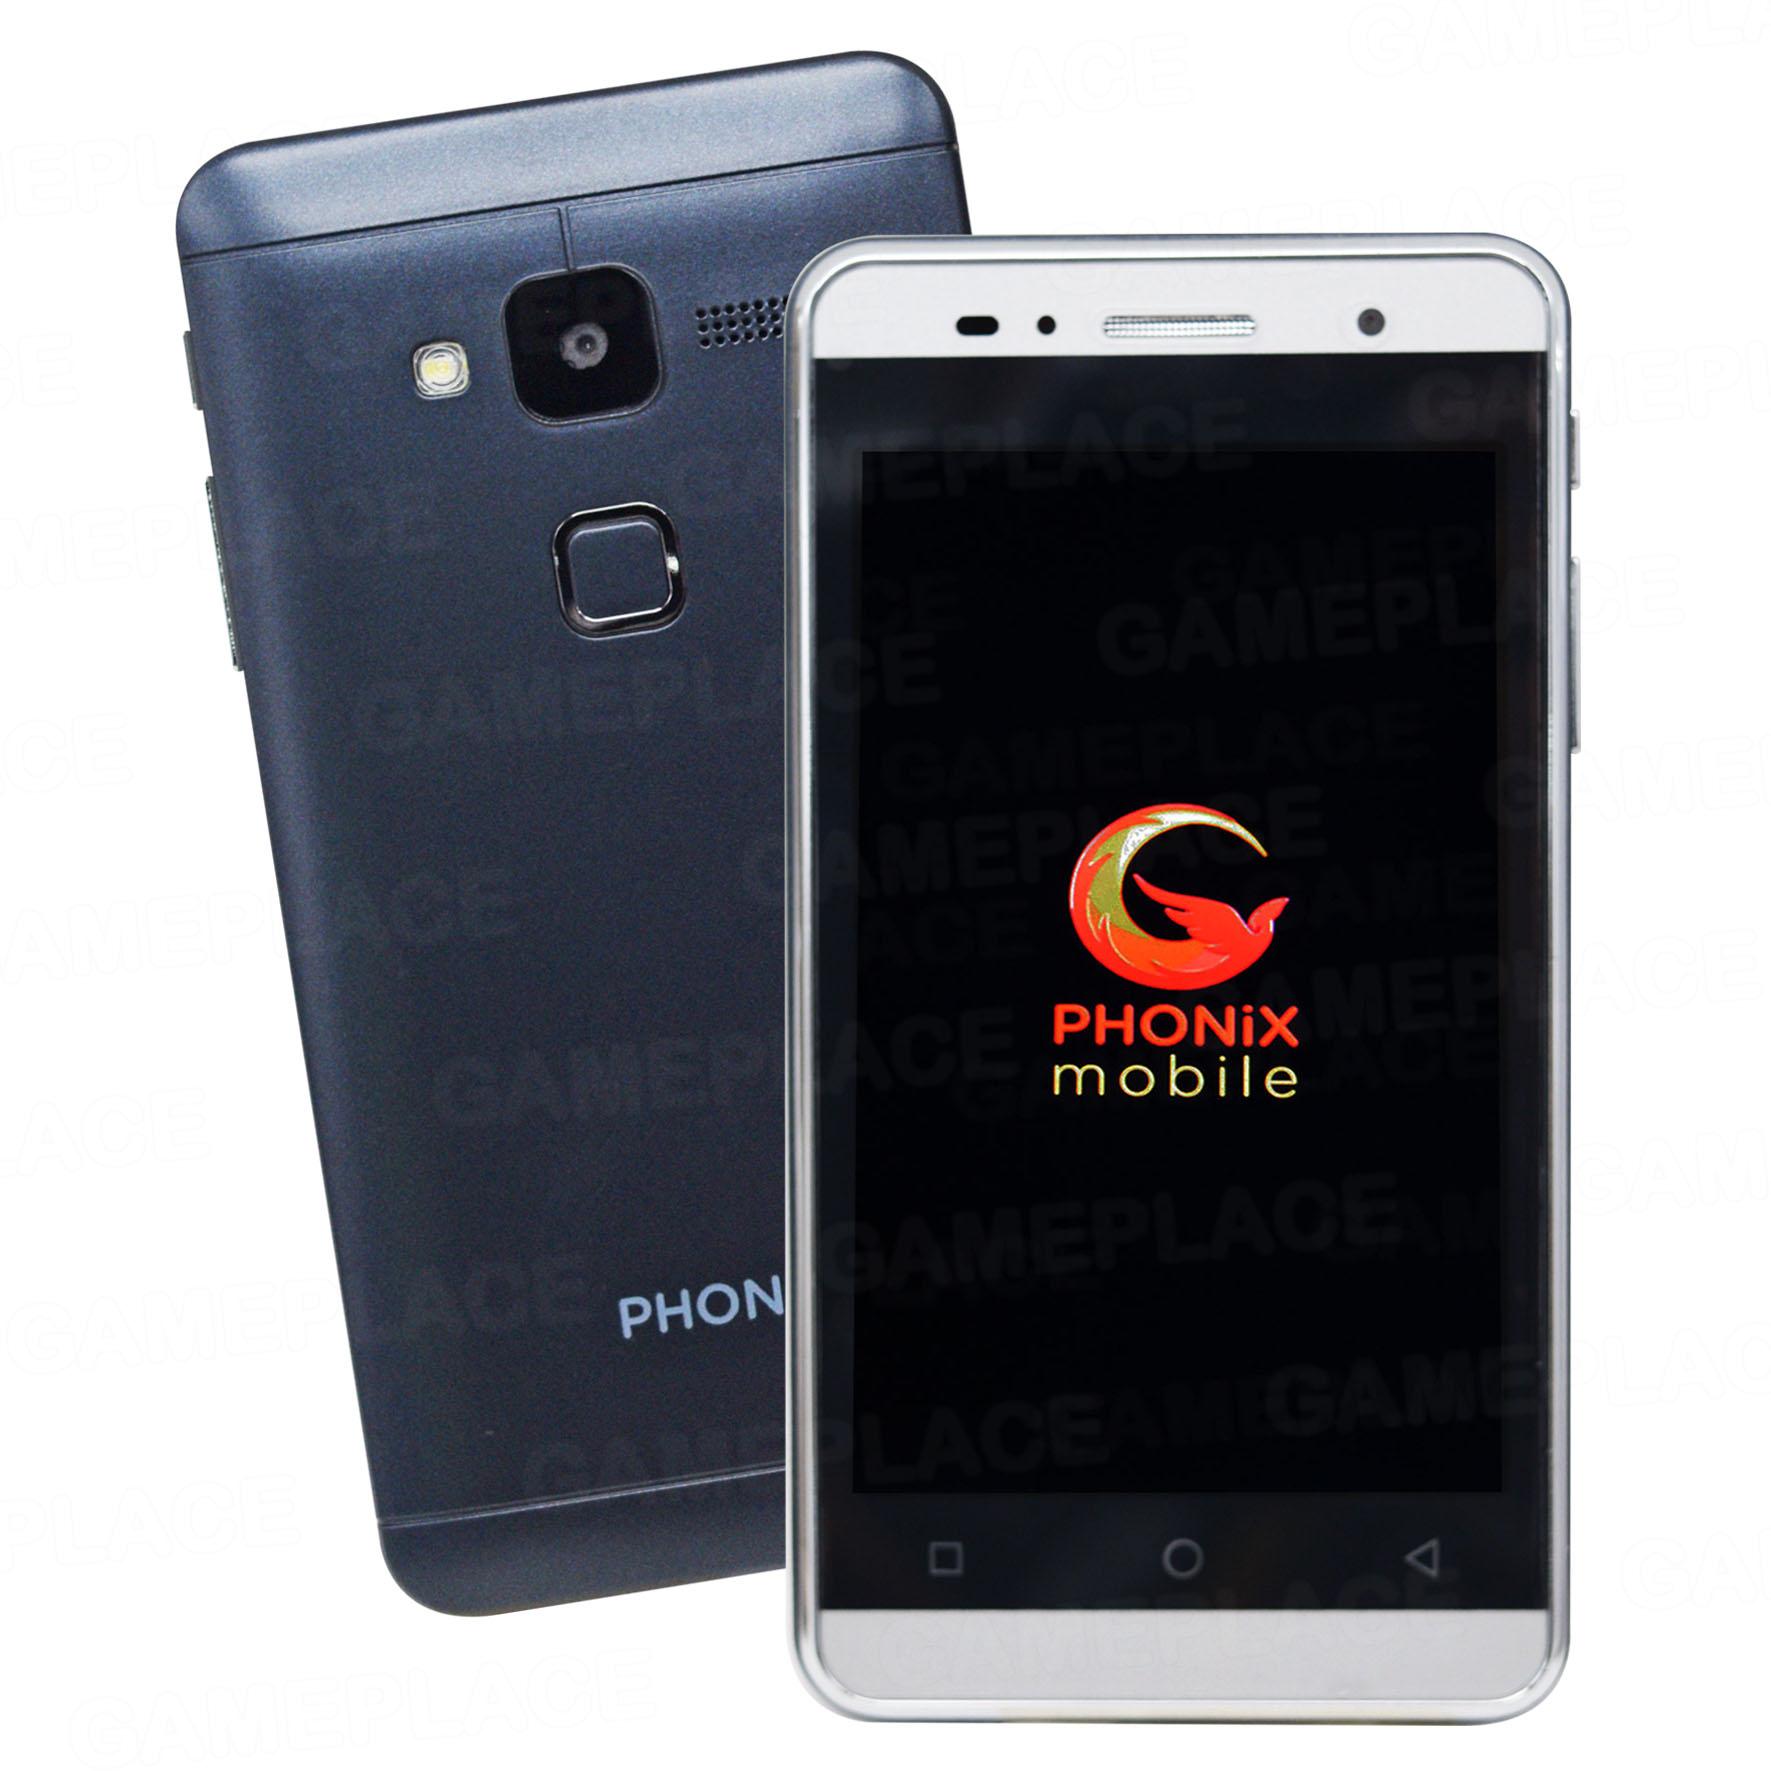 Phonix Mobile P2 Android Phone_Bigmk.ph